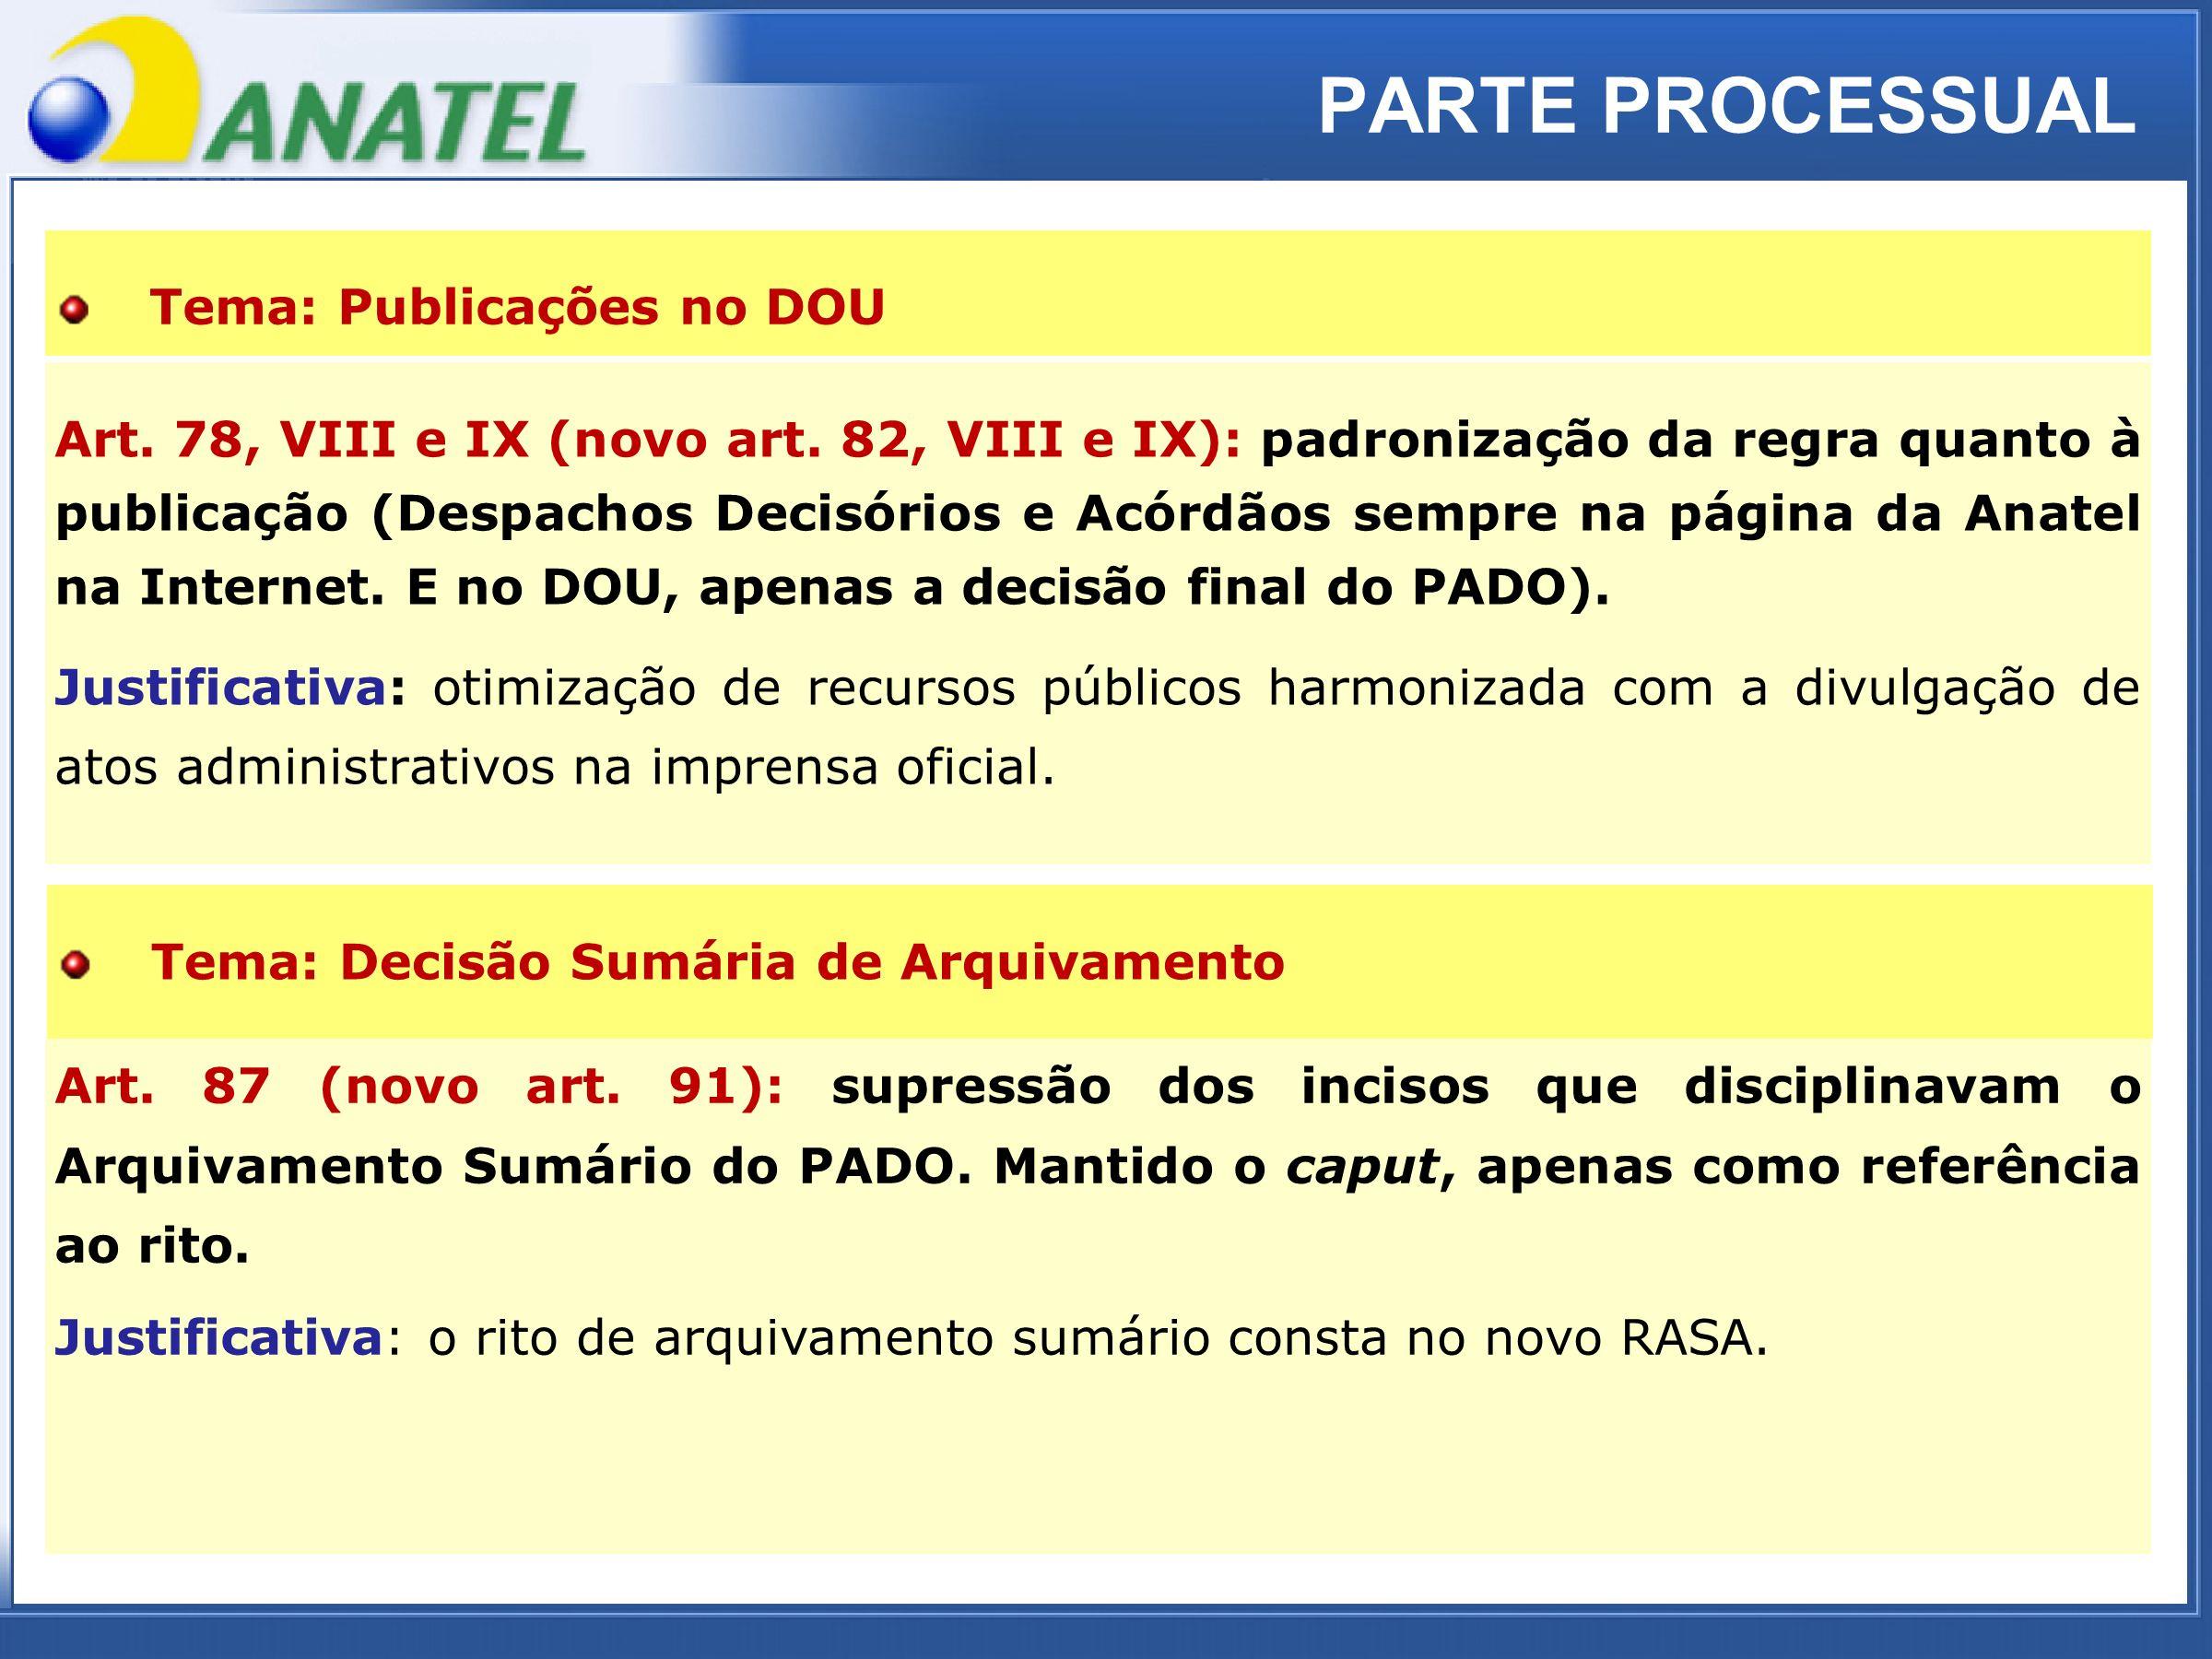 ADTOD PARTE PROCESSUAL Art. 78, VIII e IX (novo art. 82, VIII e IX): padronização da regra quanto à publicação (Despachos Decisórios e Acórdãos sempre